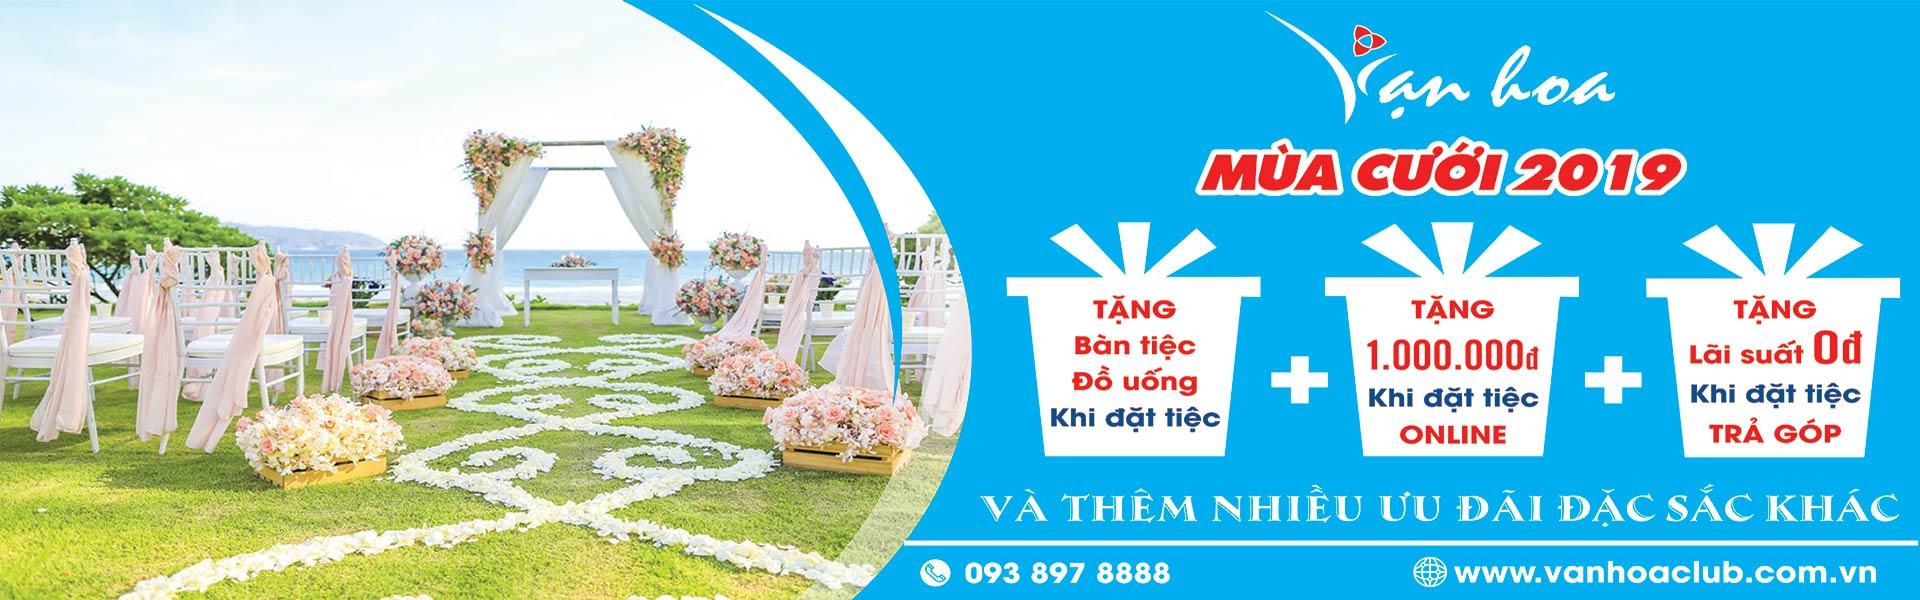 Ngap Tran Uu Dai Cuoi 2019